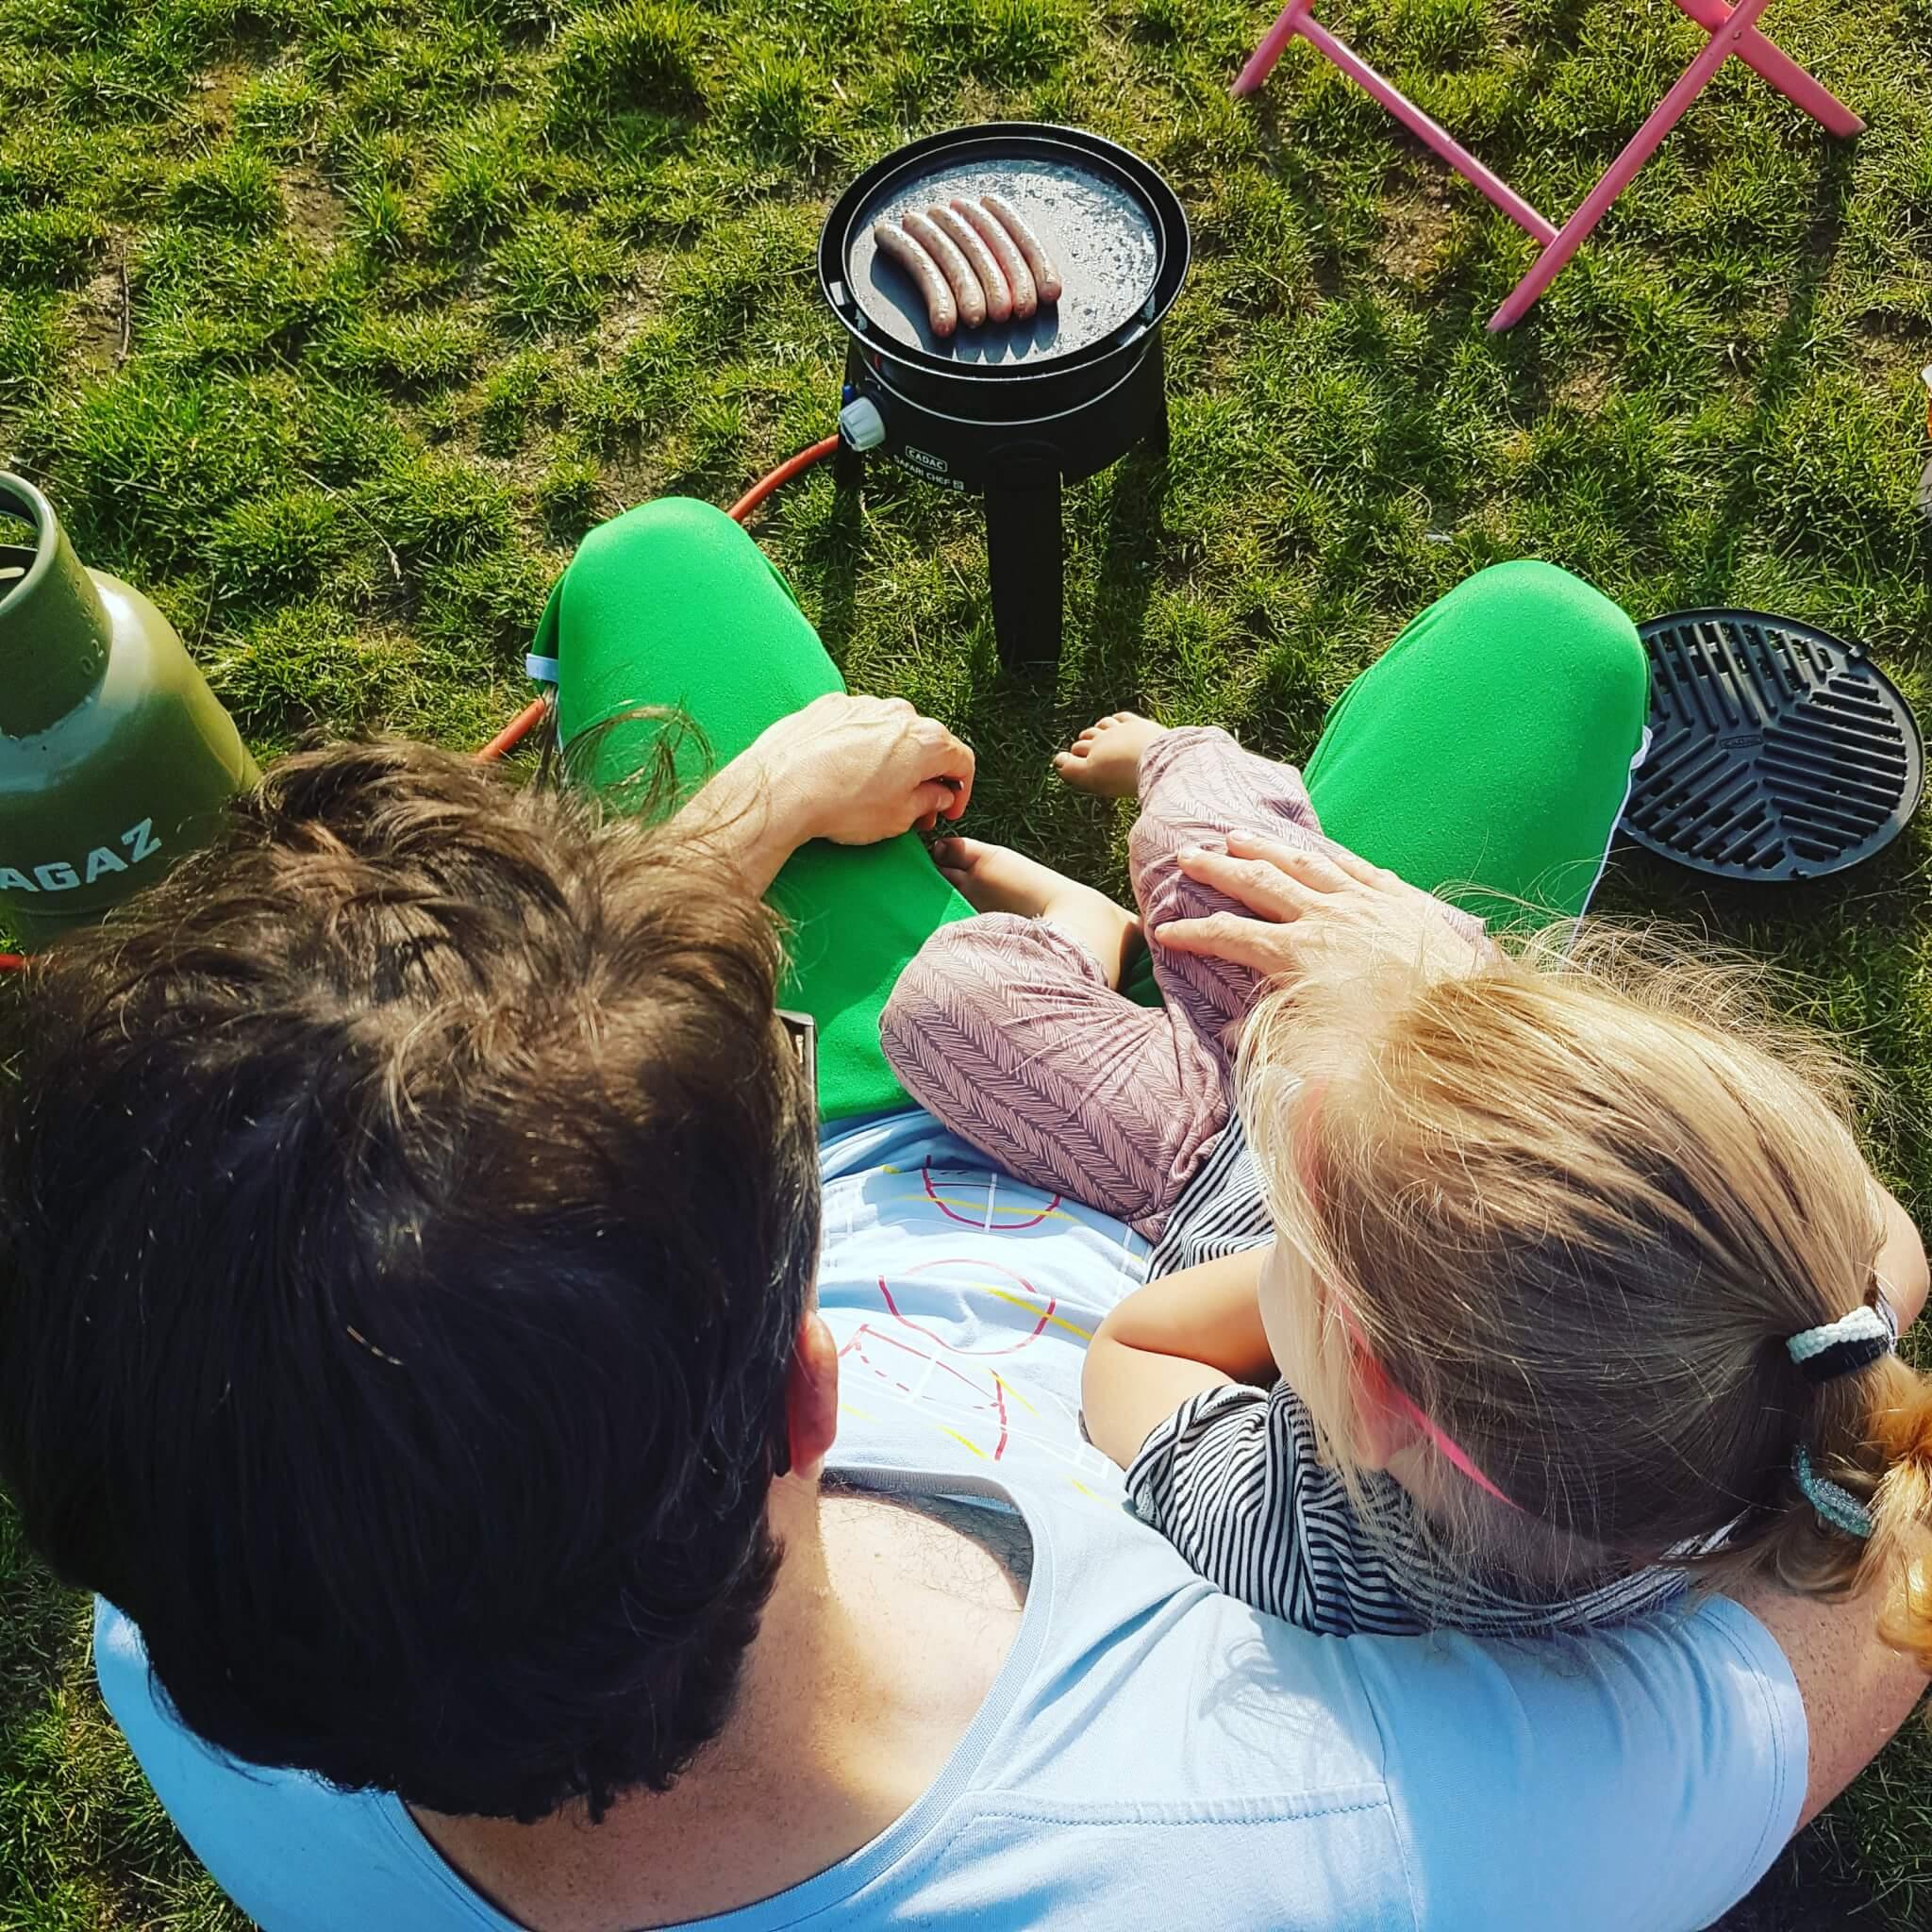 Review van een super sterke staafmixer én de lekkerste recepten voor een gezonde BBQ met kids